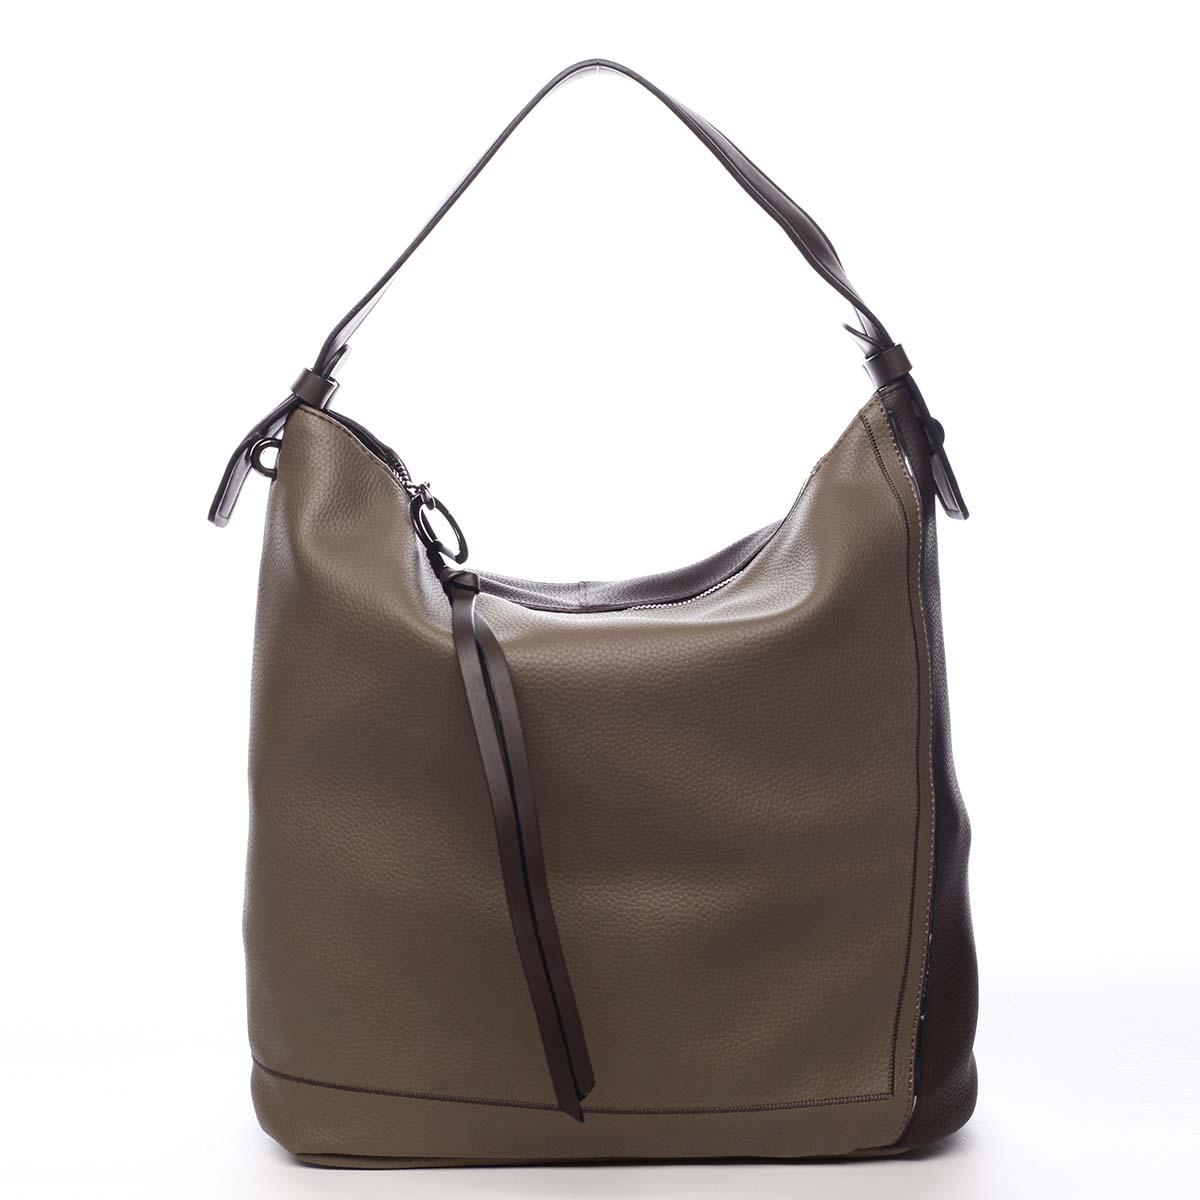 Veľká dámska kabelka cez plece taupe - Maria C Perola